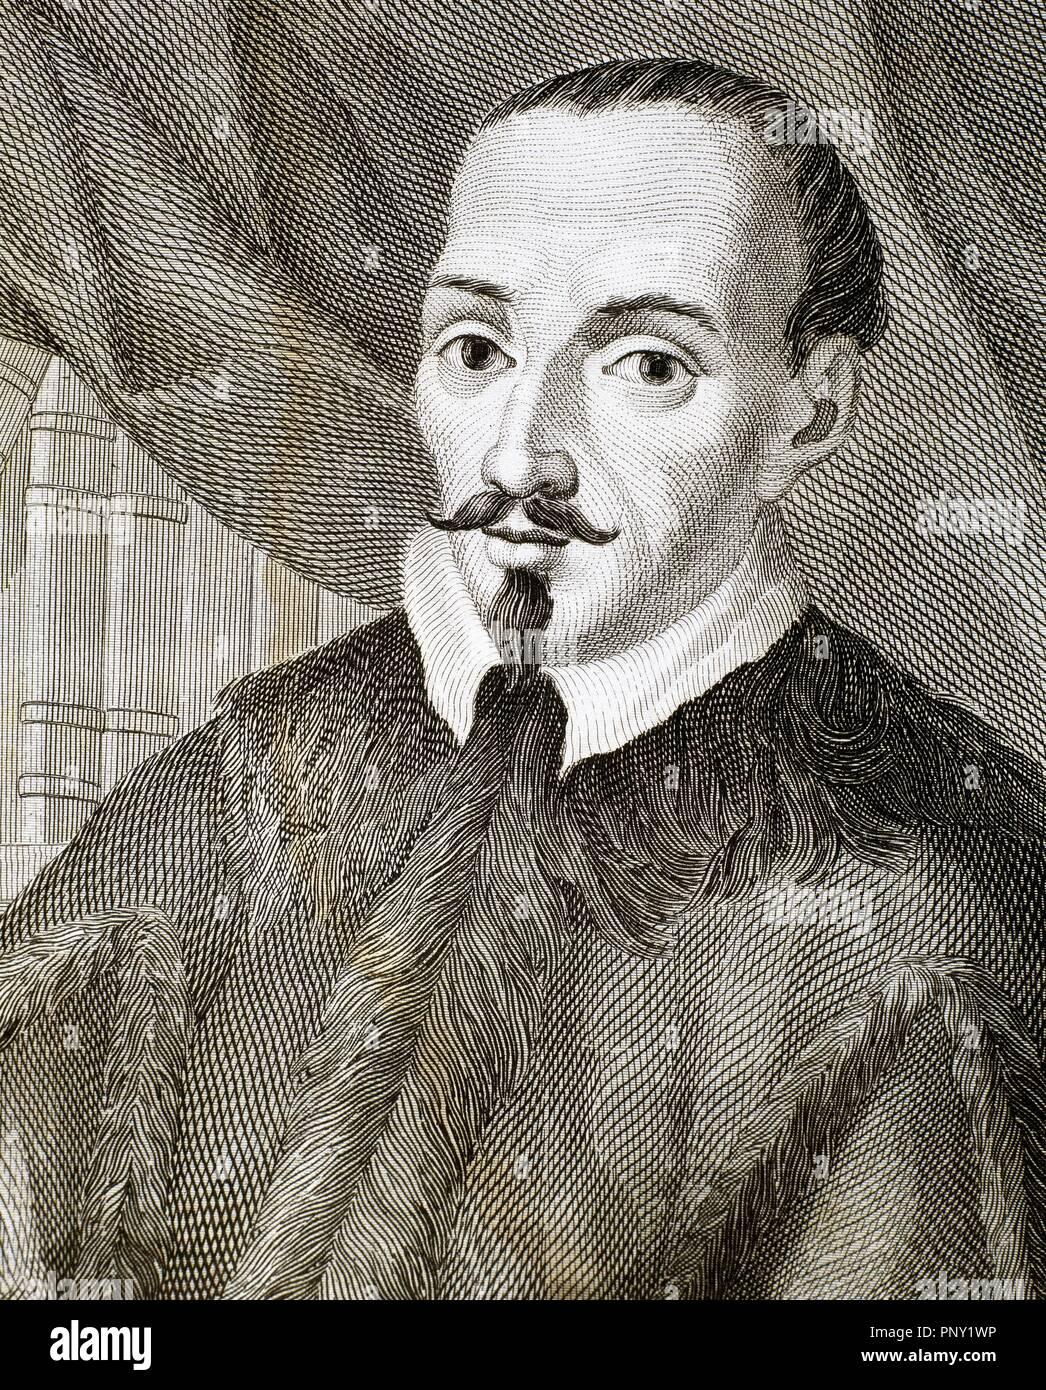 ZURITA, Jerónimo (Zaragoza 1512-Zaragoza 1580). Historiador español. En 1548 fue nombrado cronista de Aragón. Grabado. - Stock Image